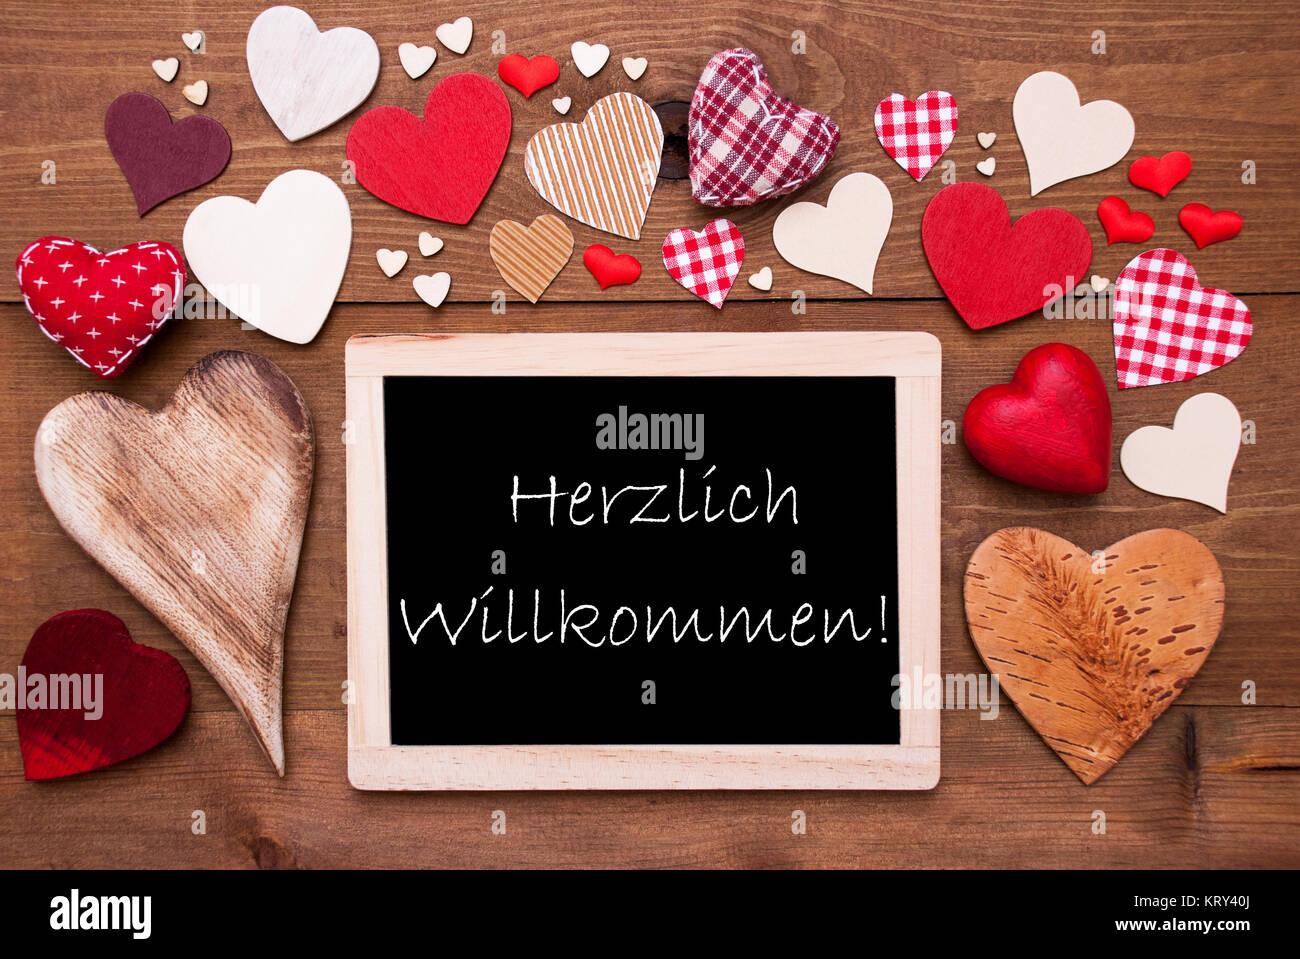 Schiefertafel Mit Deutschen Text Herzlich Willkommen Bedeutet